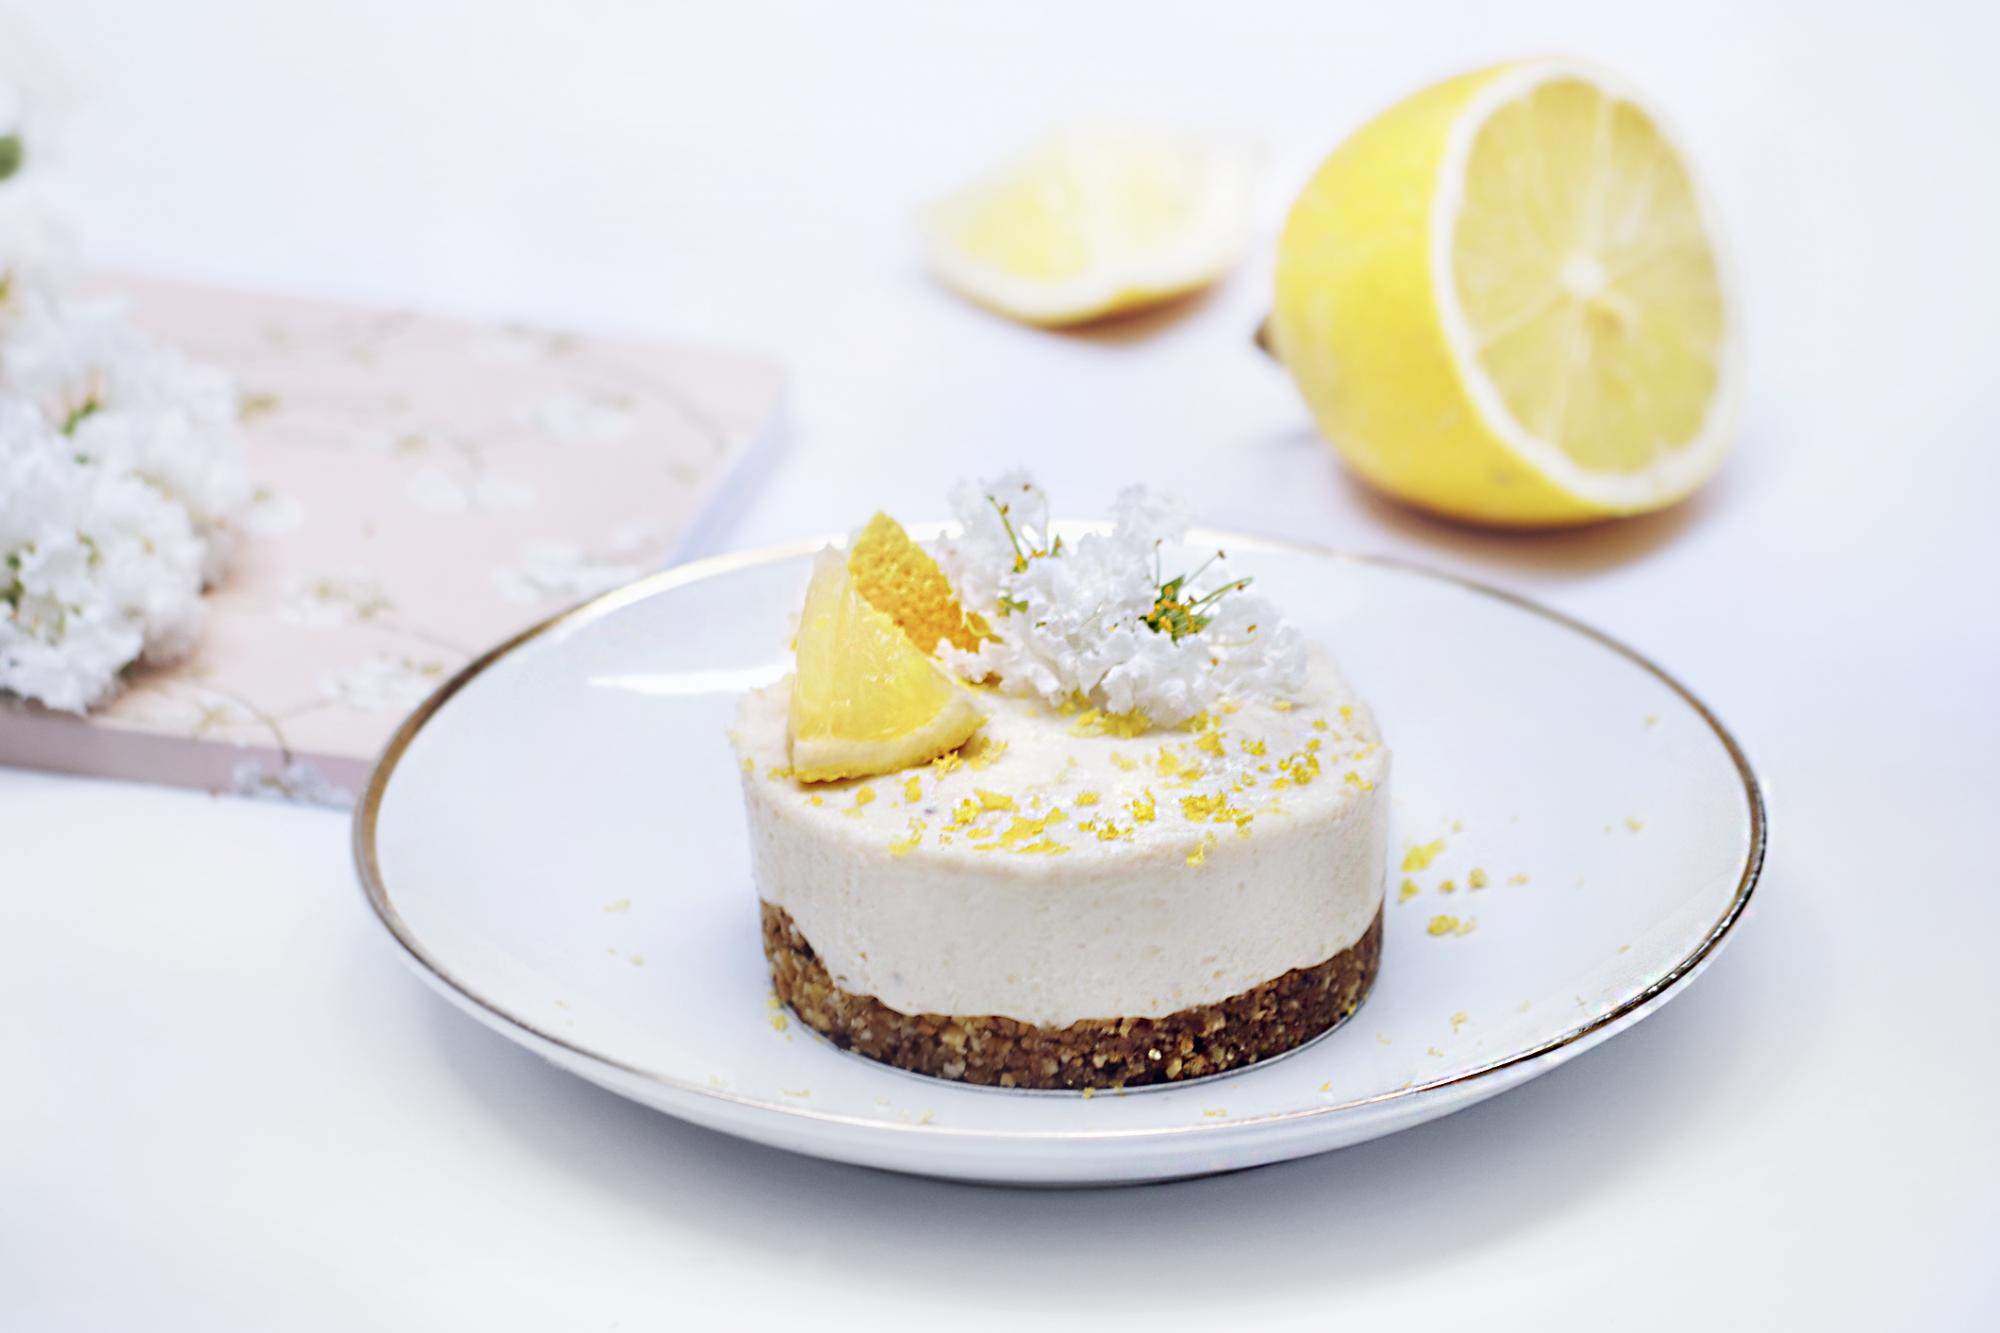 NoBake Lemon Kisscake